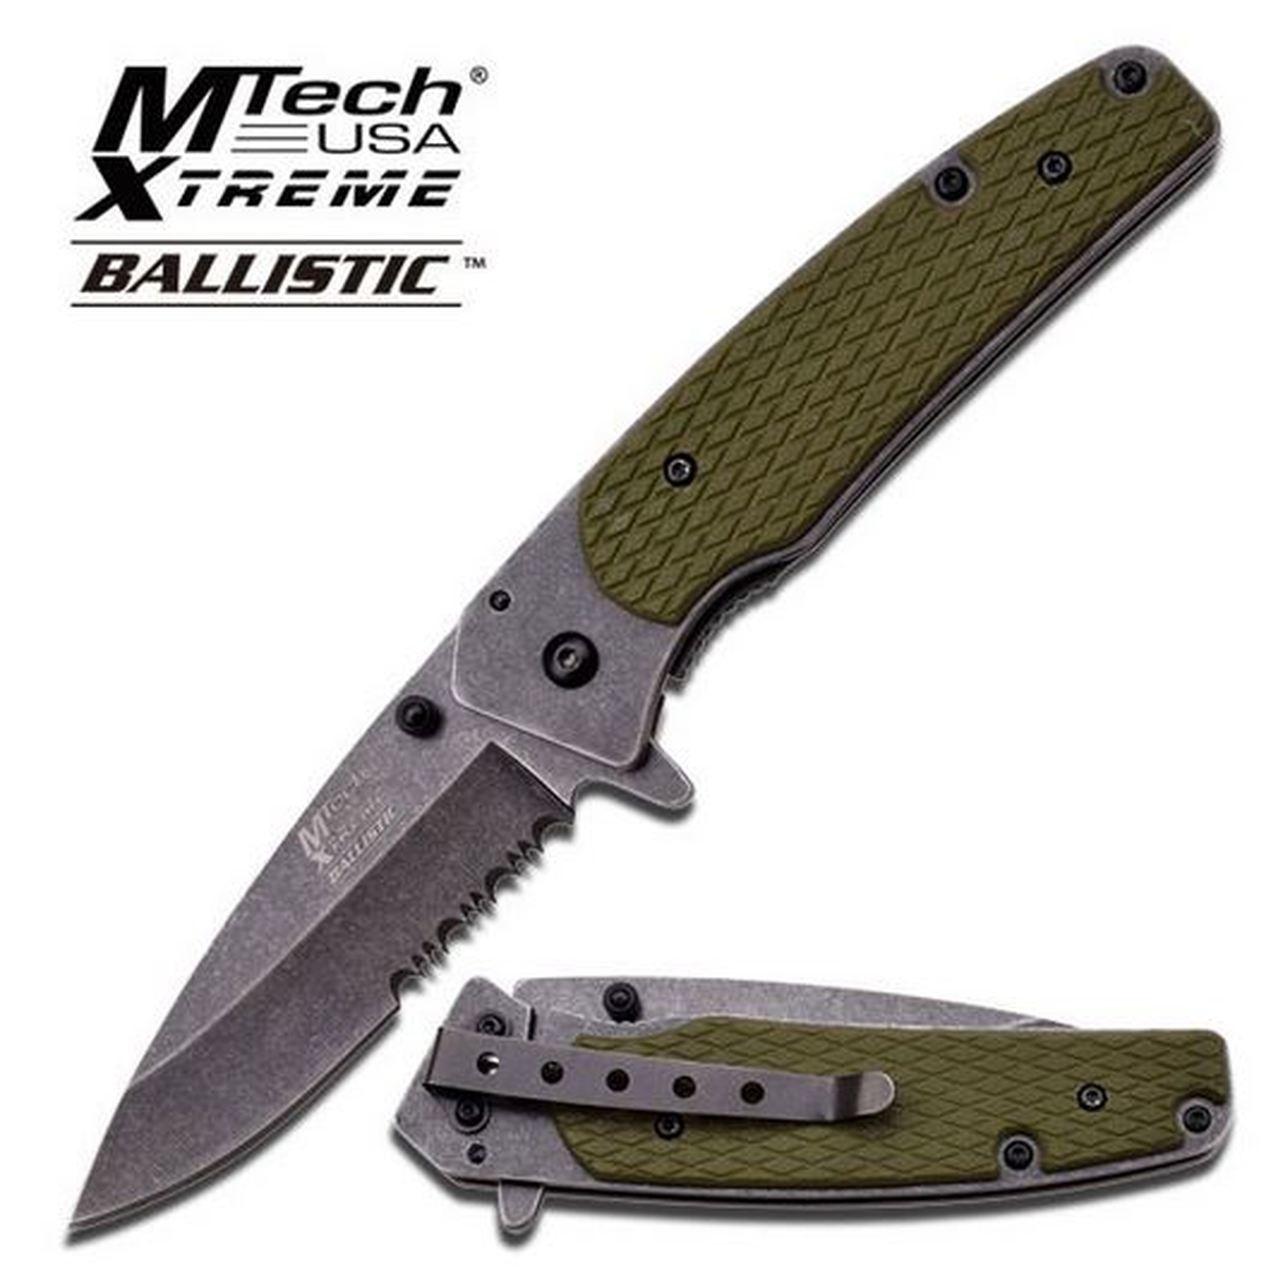 MTech Xtreme Ballistic MTMXA826